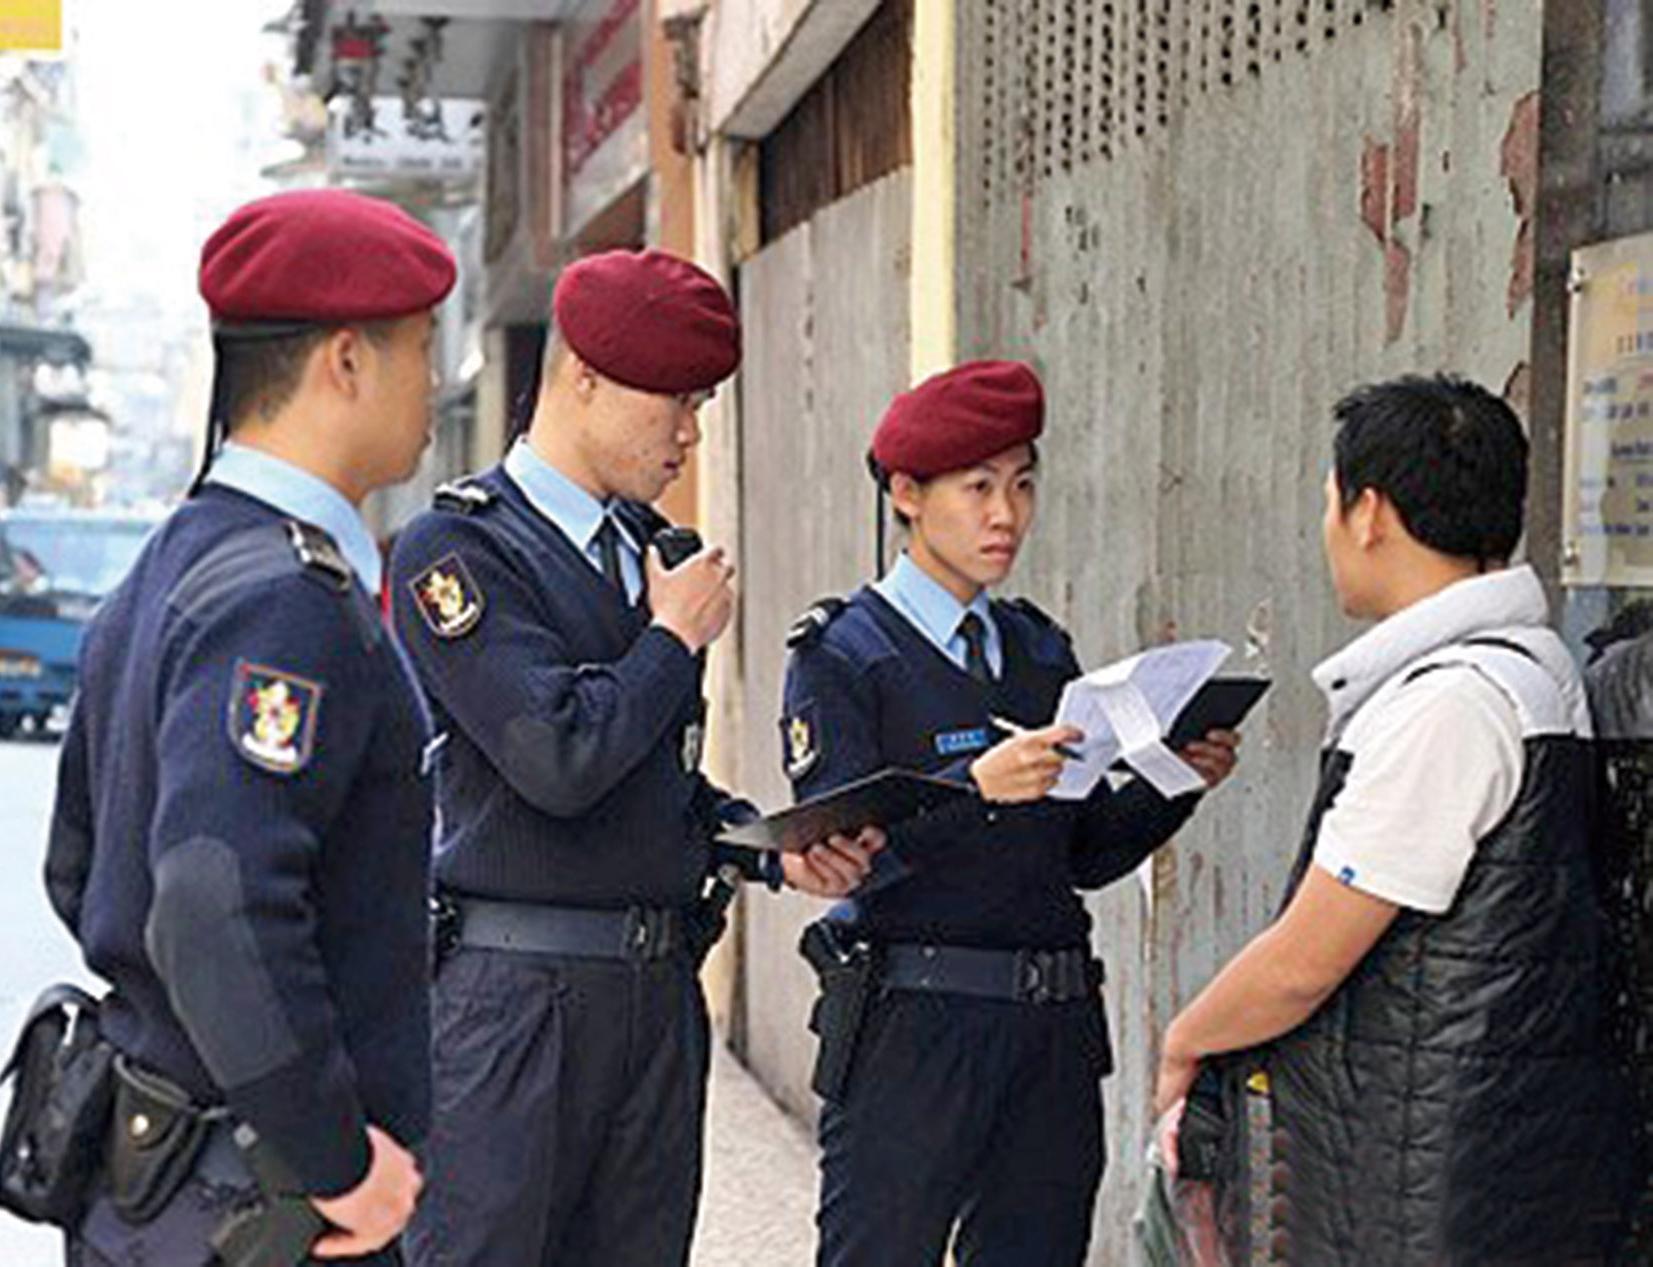 警務人員協會批制度不公